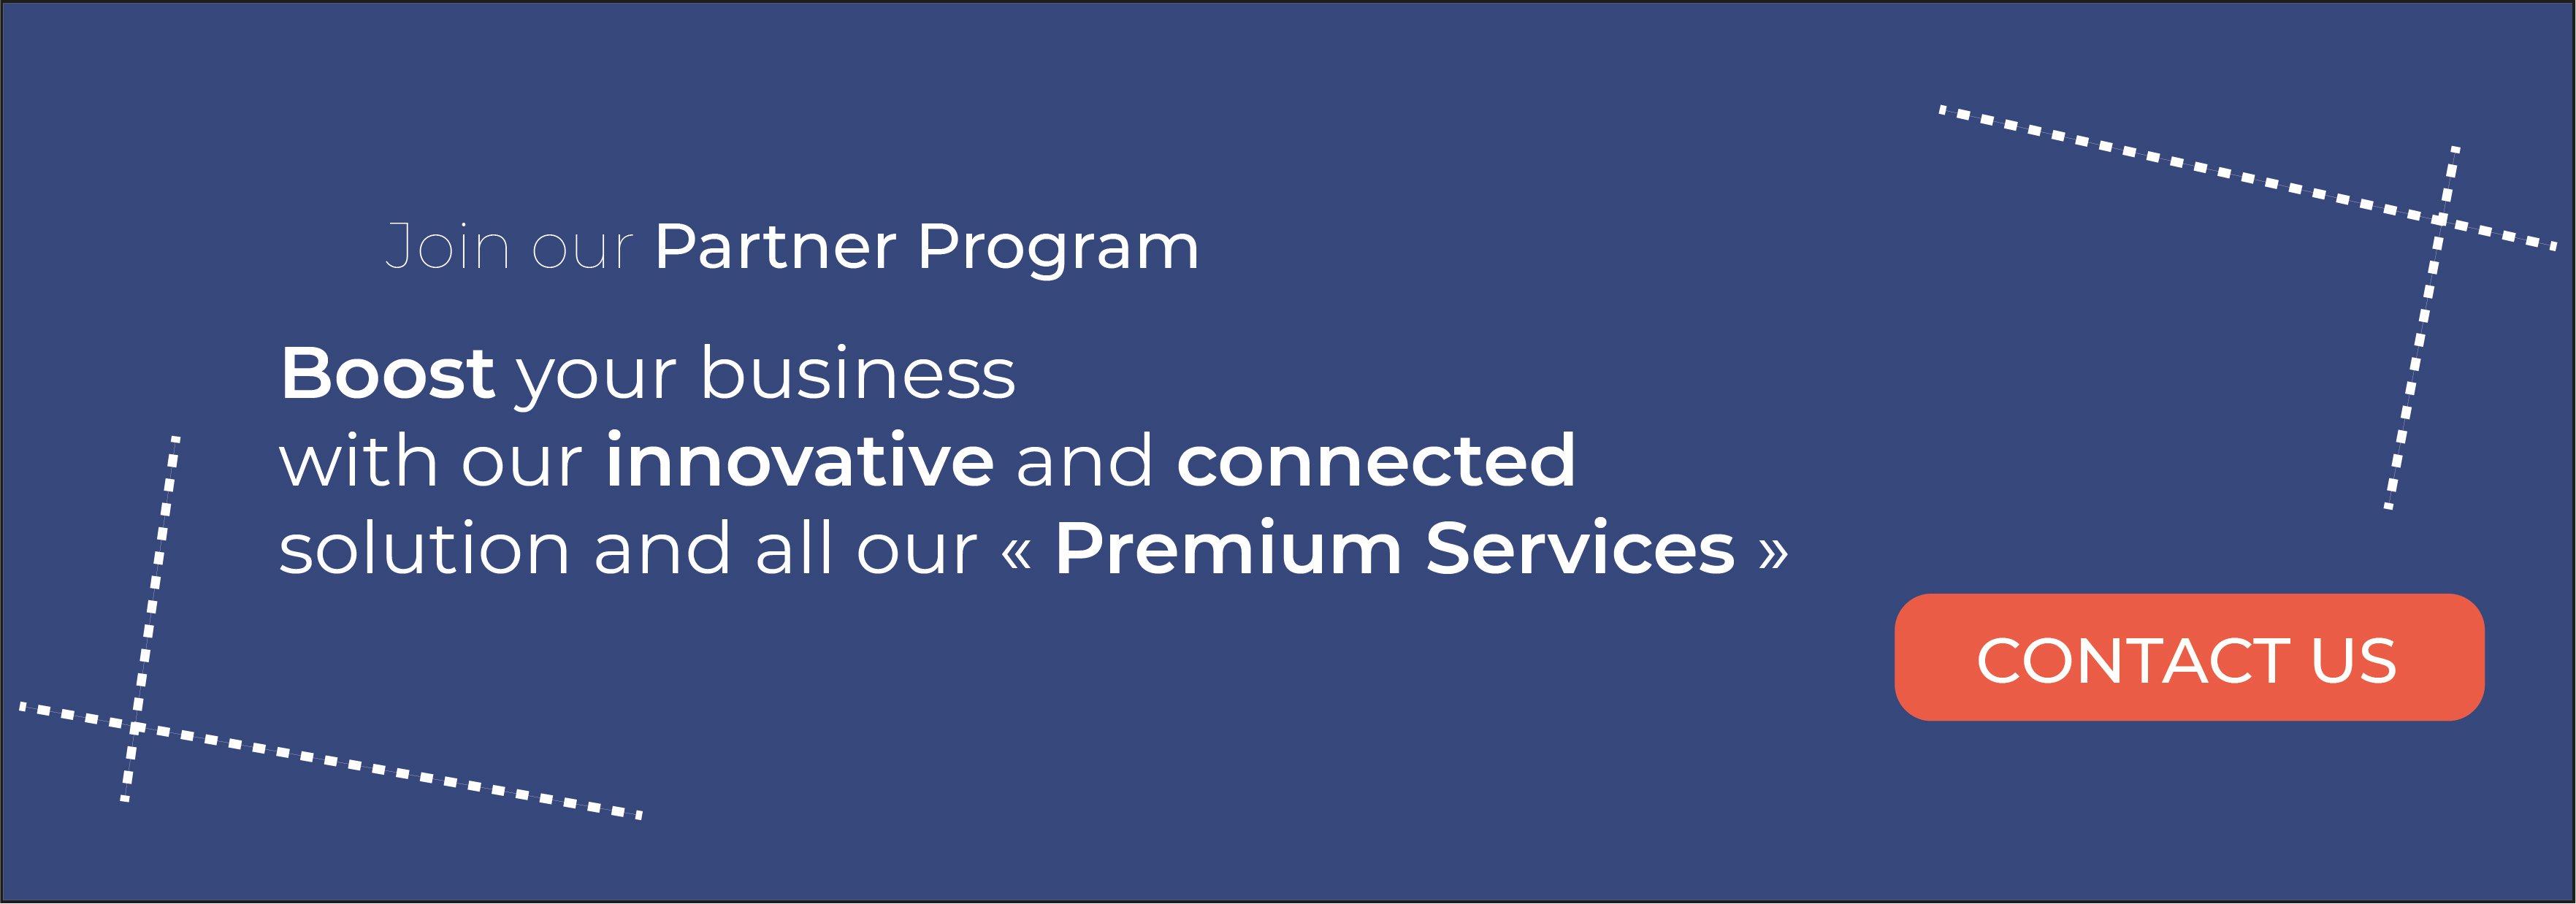 Program Partner